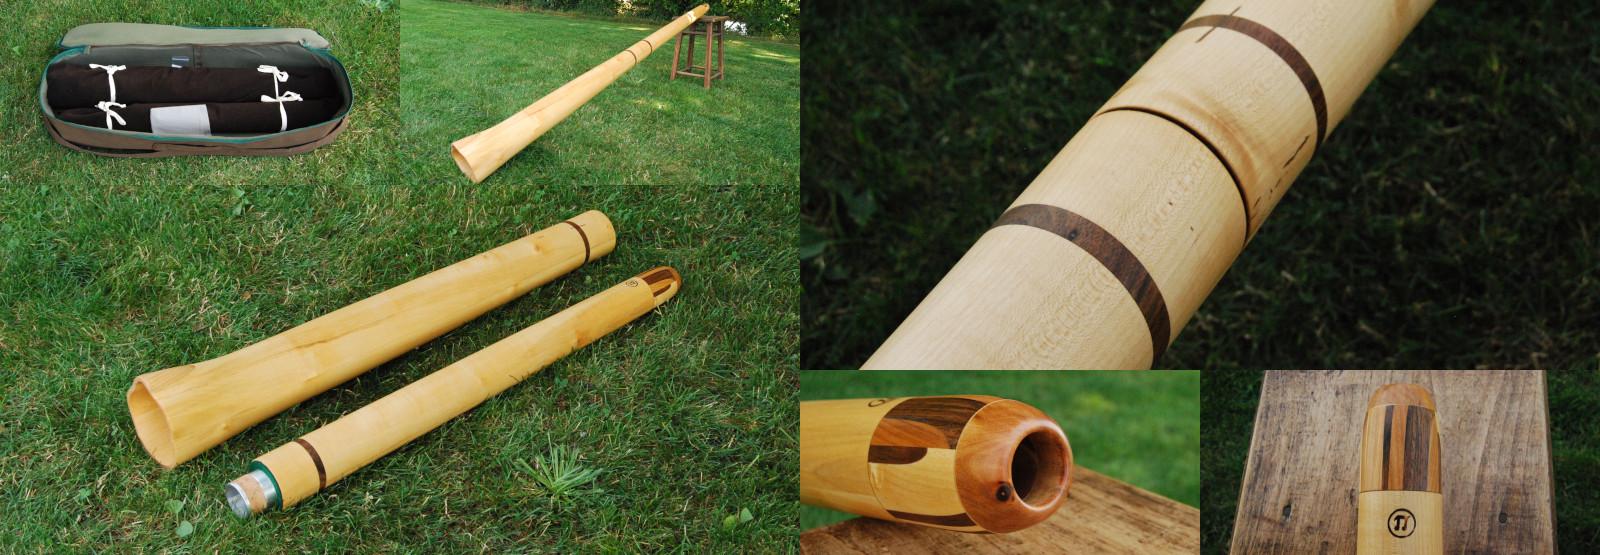 Pivert Didgeridoos_122